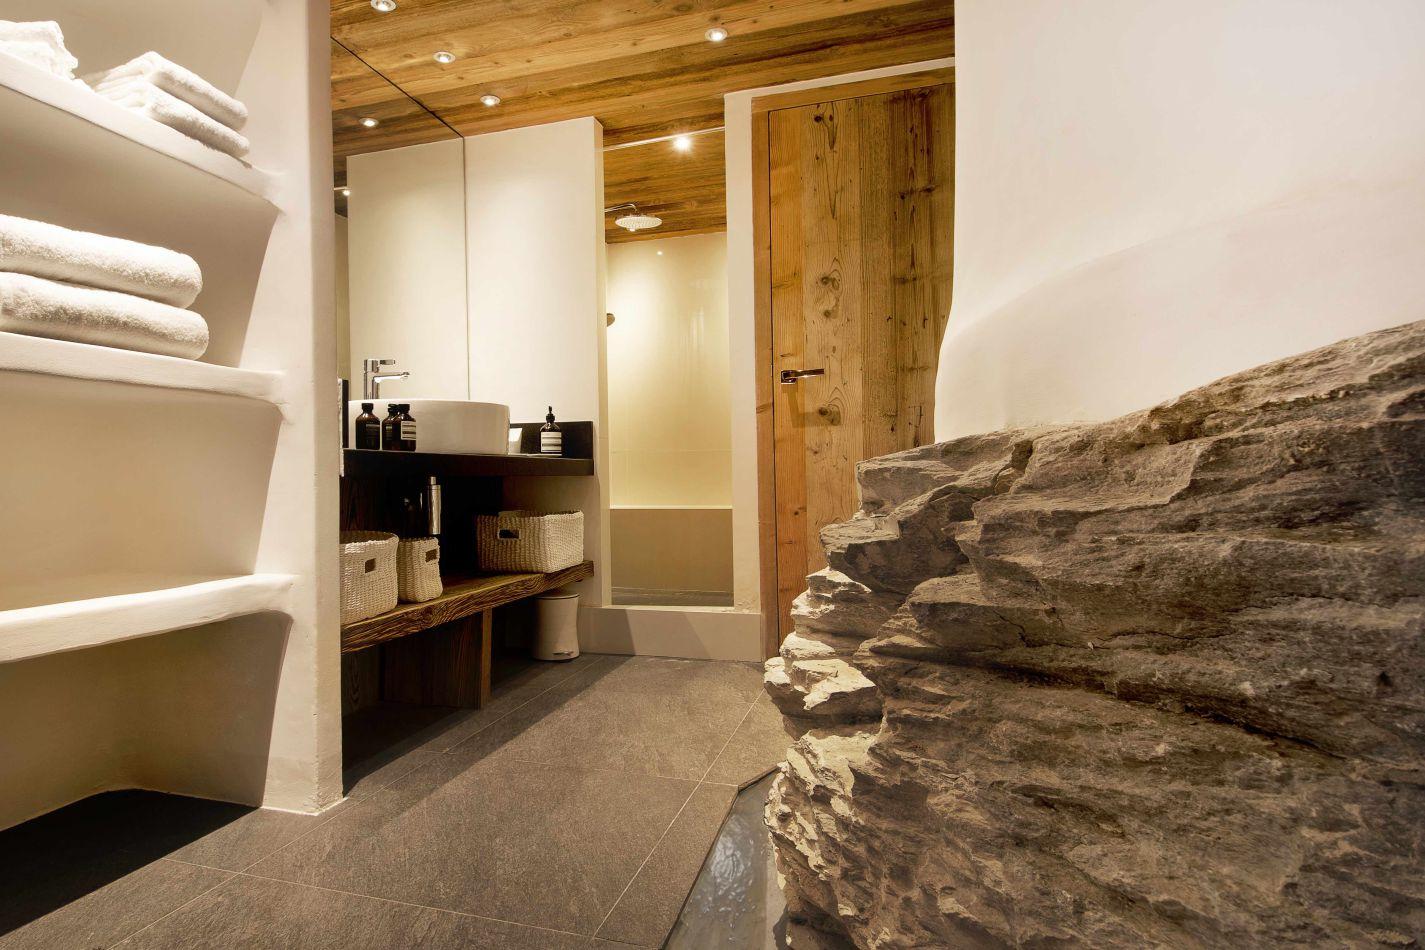 aj-vieux-pont-bathroom-4